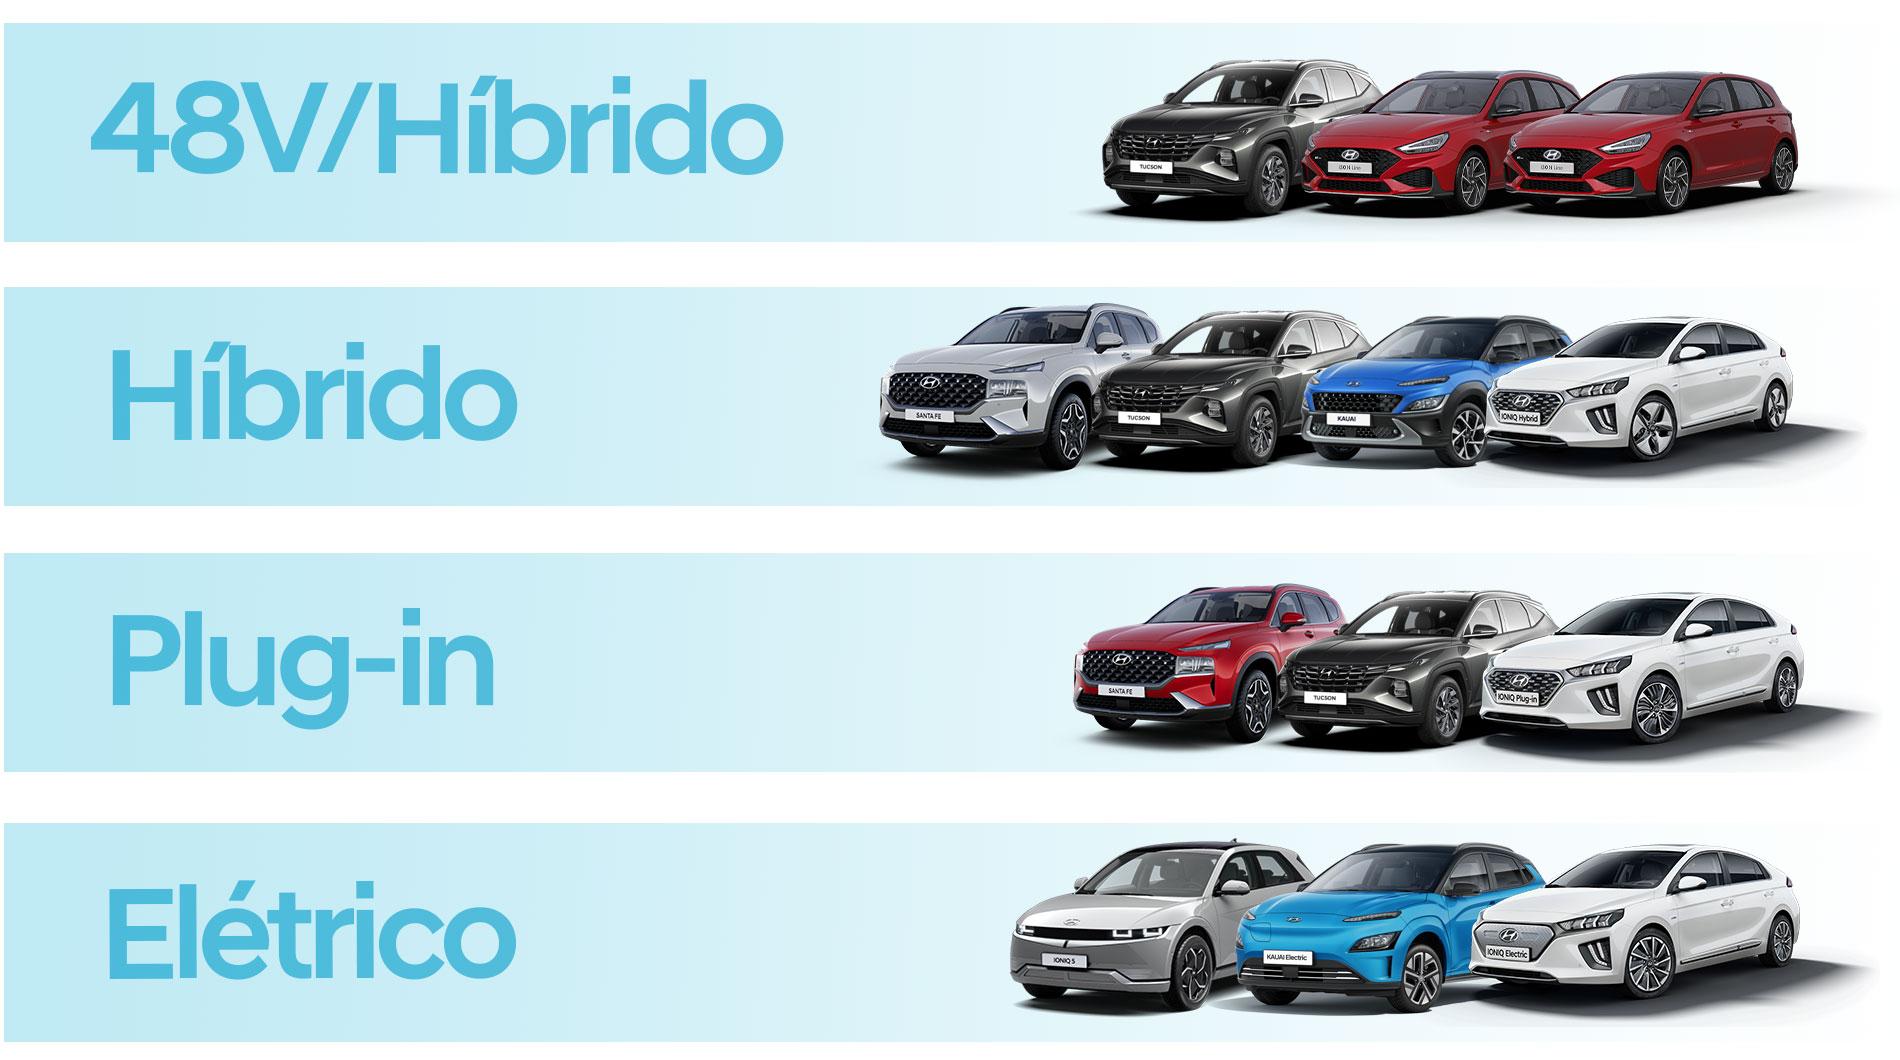 Tecnologias carros ecológicos Hyundai